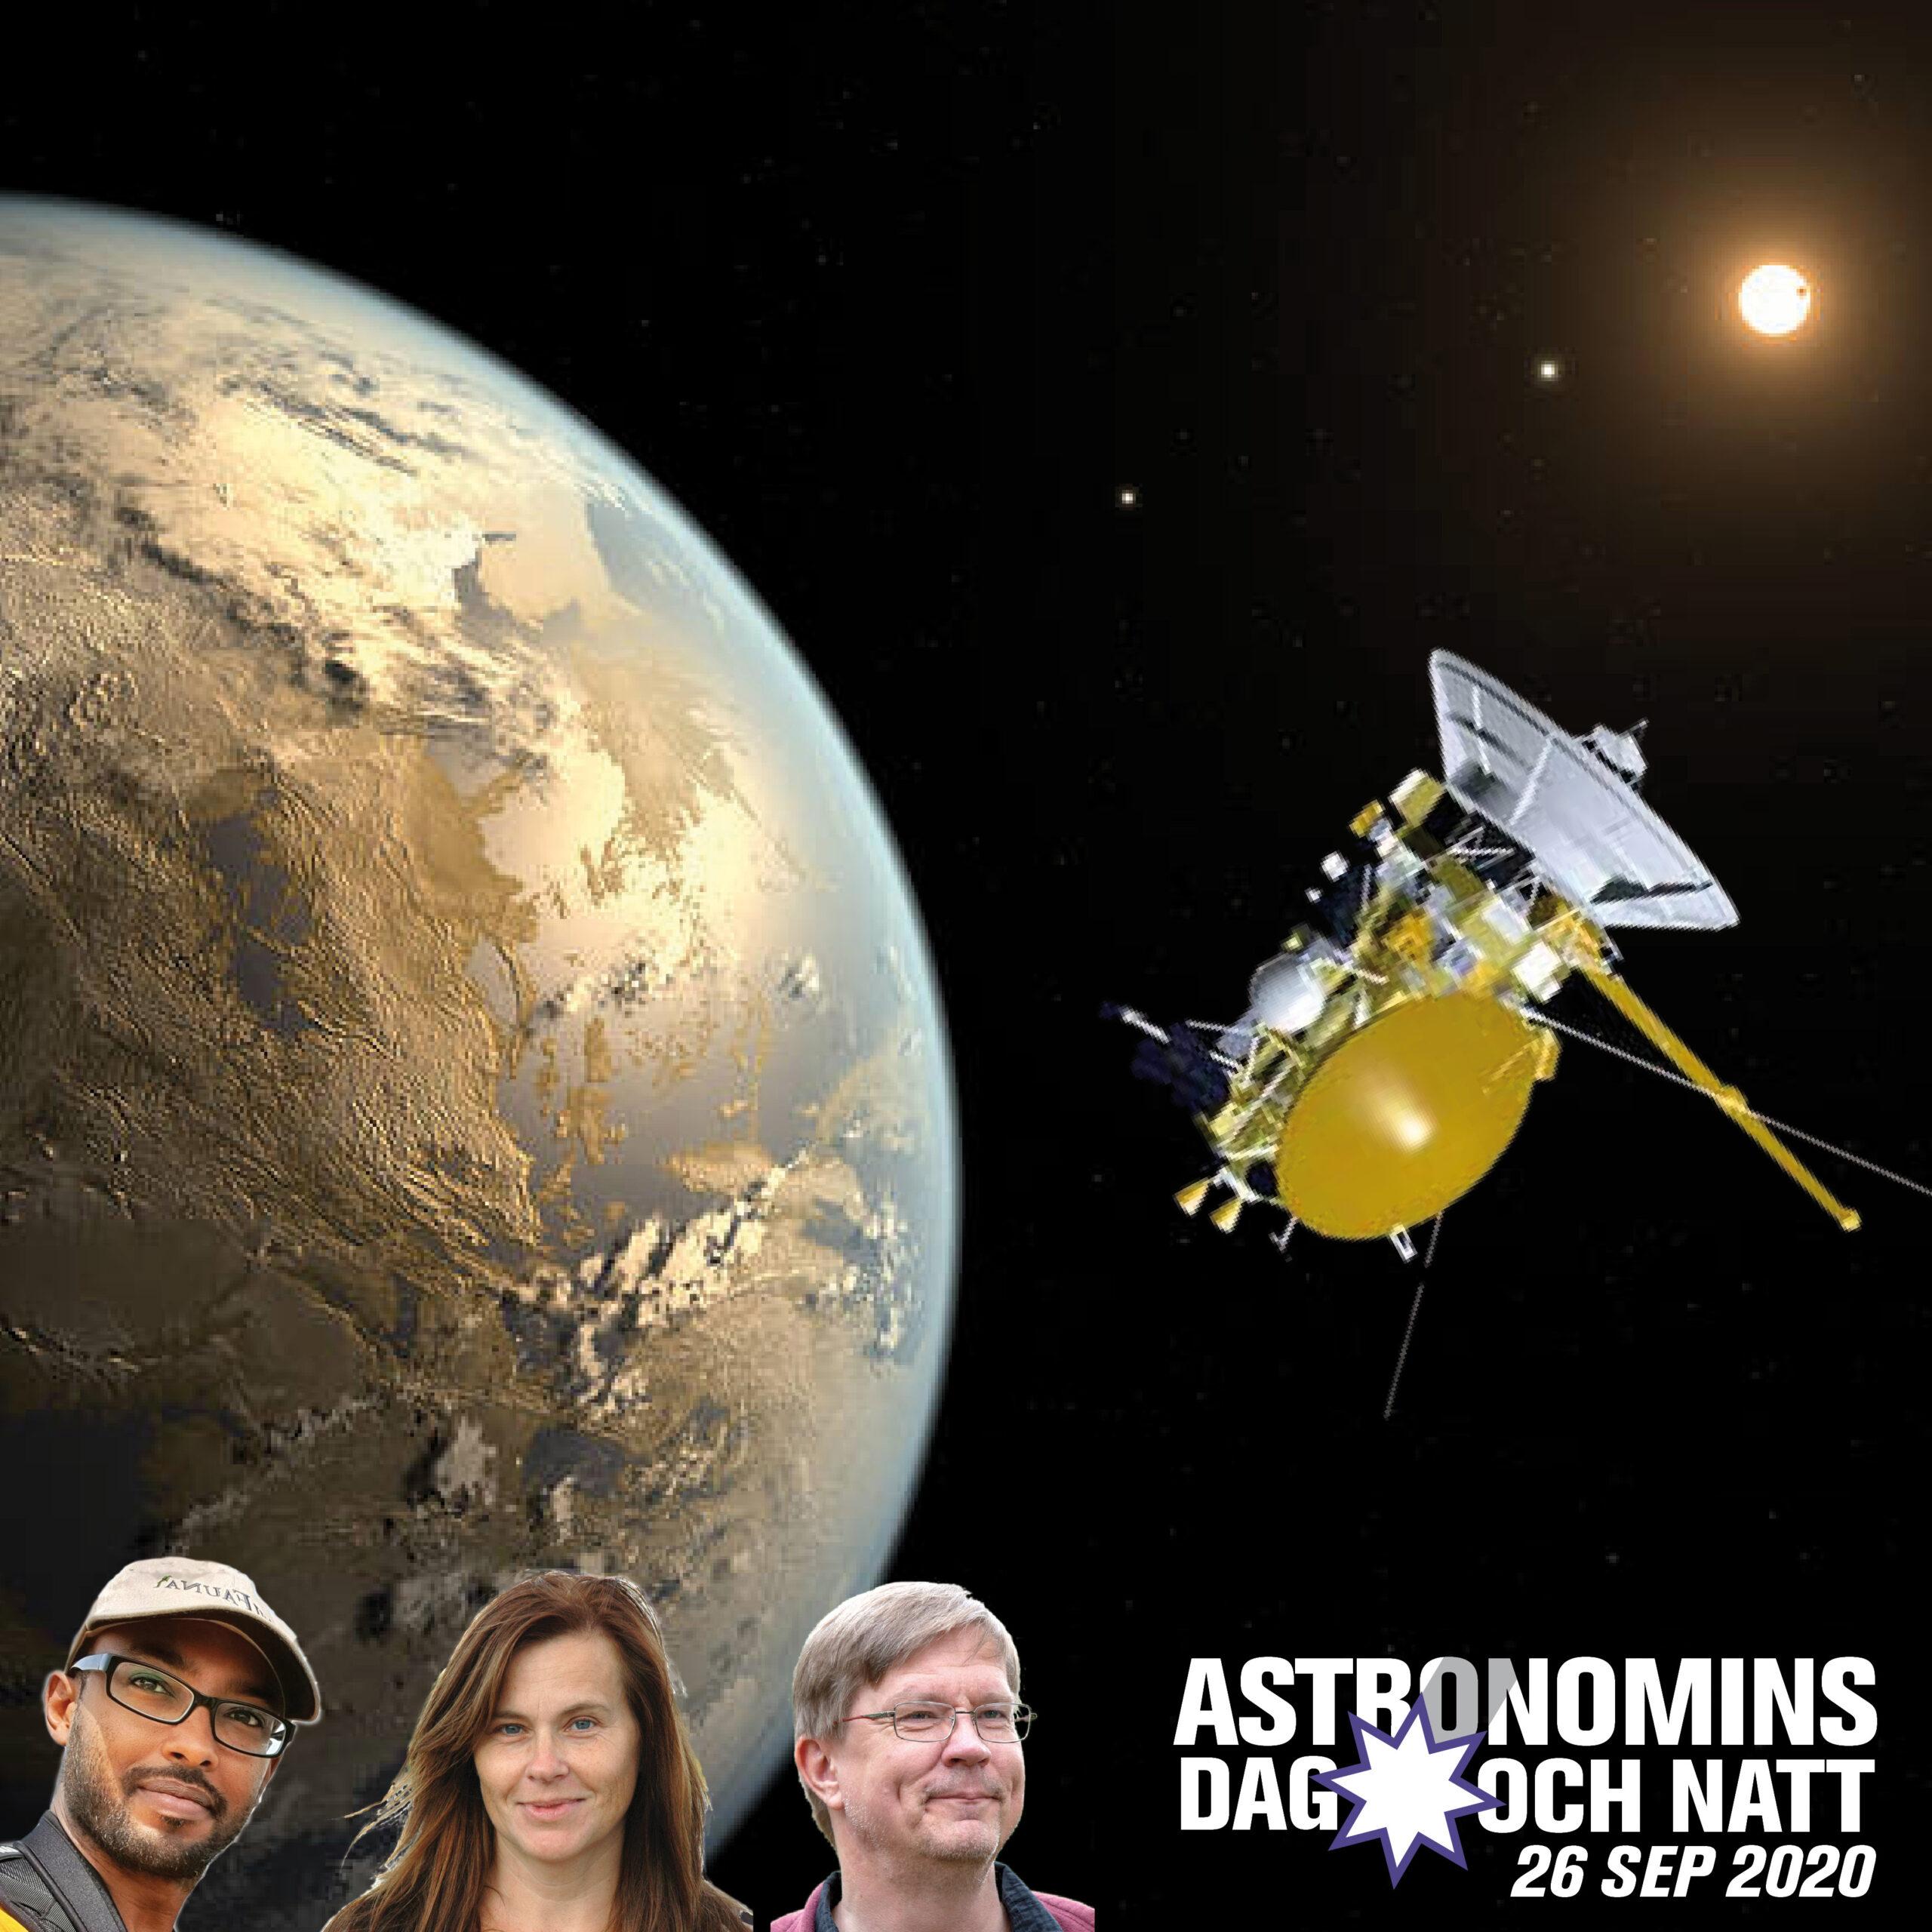 Montage. Bilder: NASA (Cassini); NASA Ames/JPL/T. Pyle (exoplanet Kepler-186f)